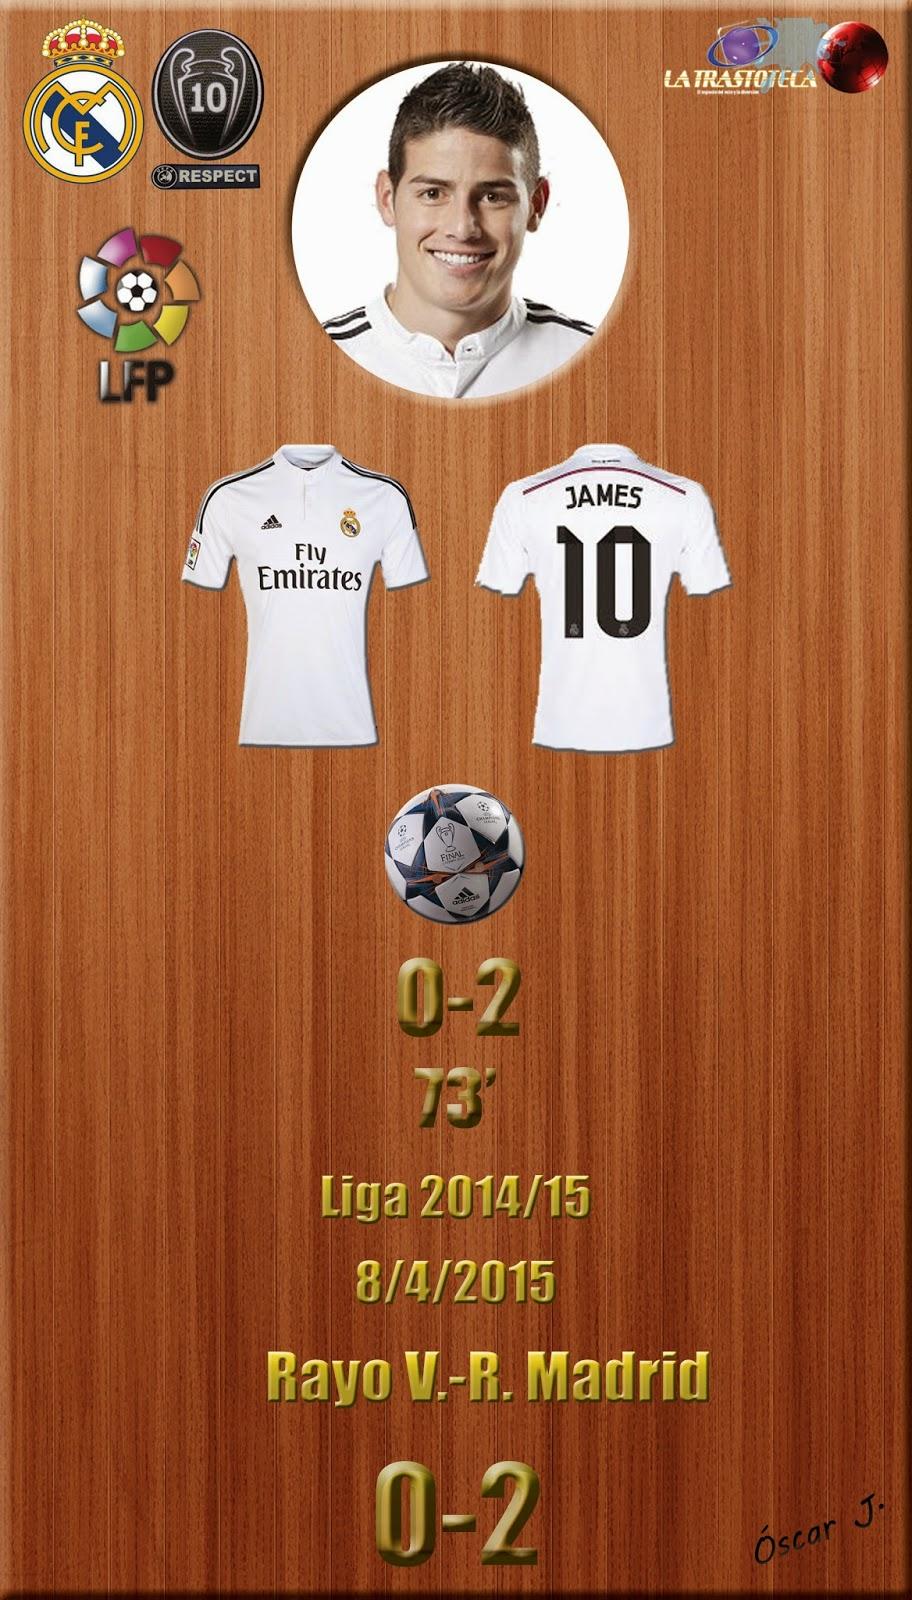 James Rodríguez (0-2) - Rayo V. 0-2 Real Madrid - Liga 2014/15 - Jornada 30 - (8/4/2015)